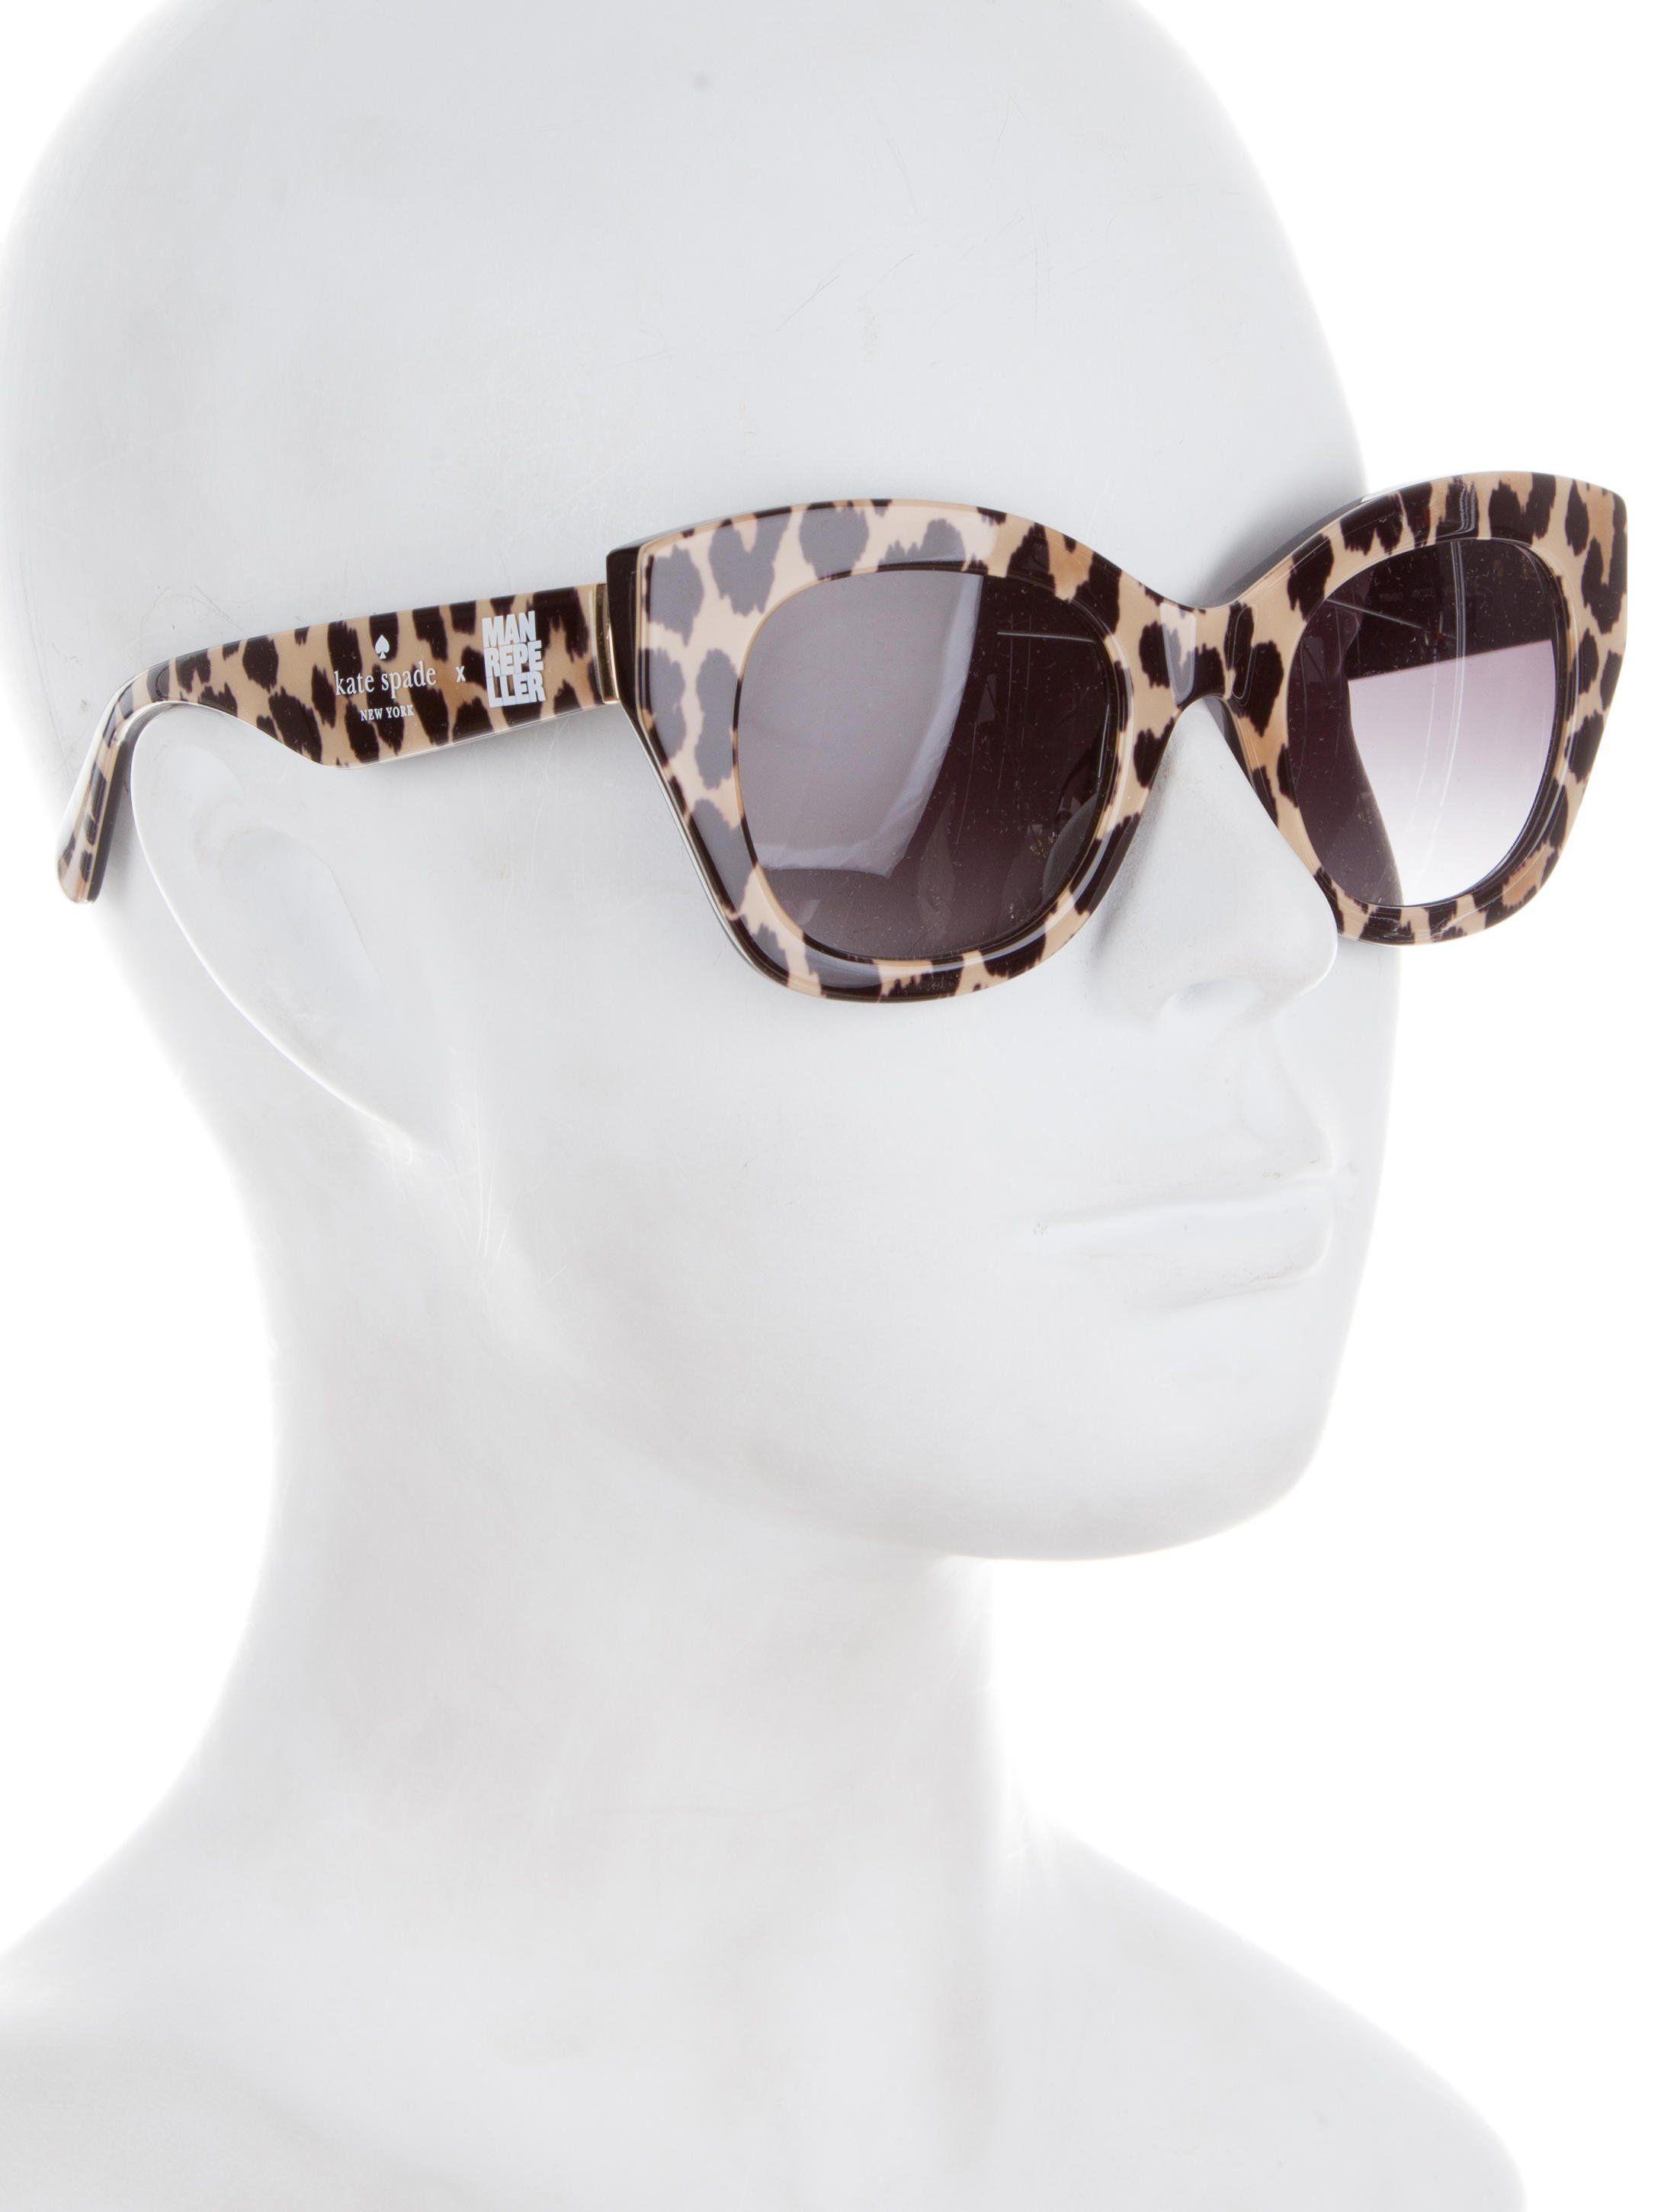 88cb924aba1c Hello Sunshine Leopard Print Sunglasses | Accessorize Me ...